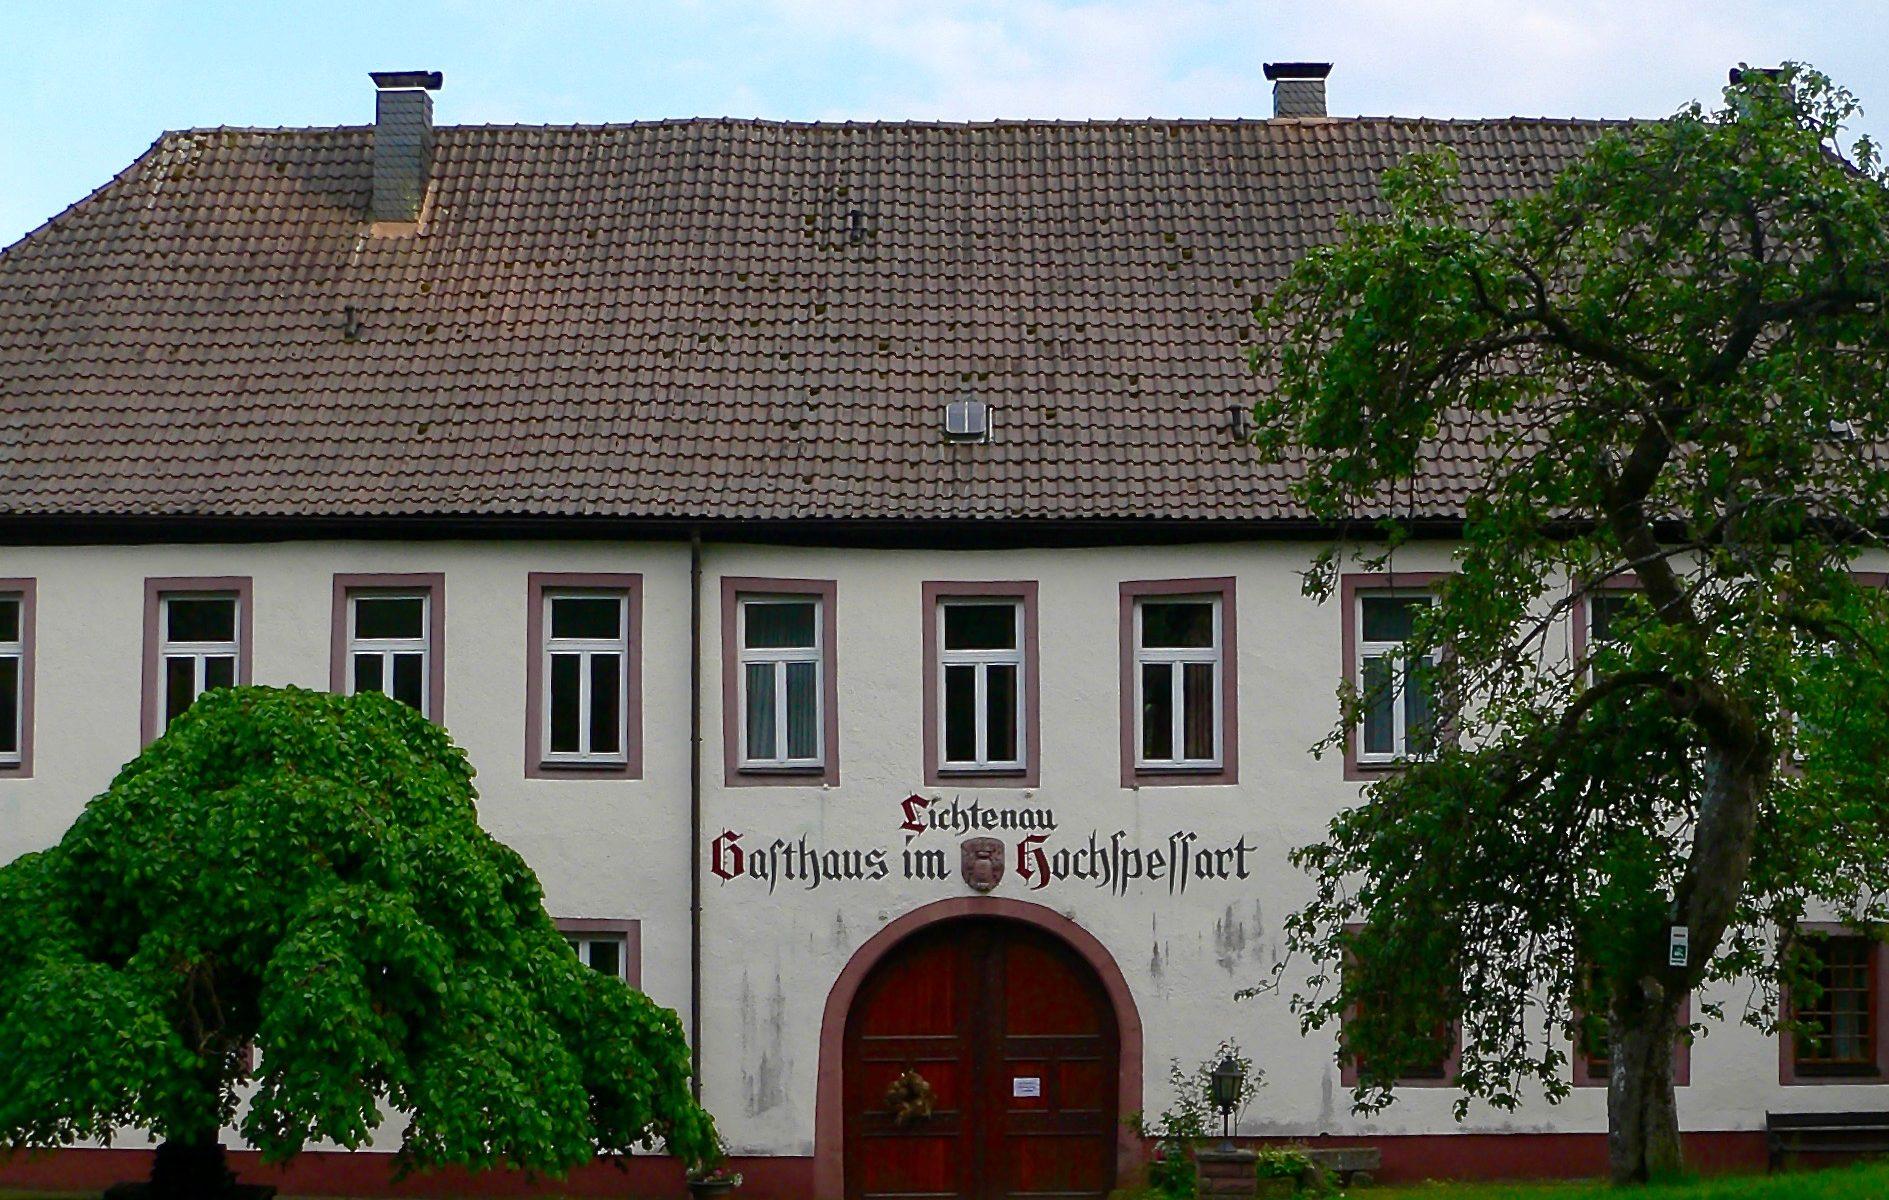 Gasthaus im Hochspessart in der Lichtenau. | Foto: B. Schneider